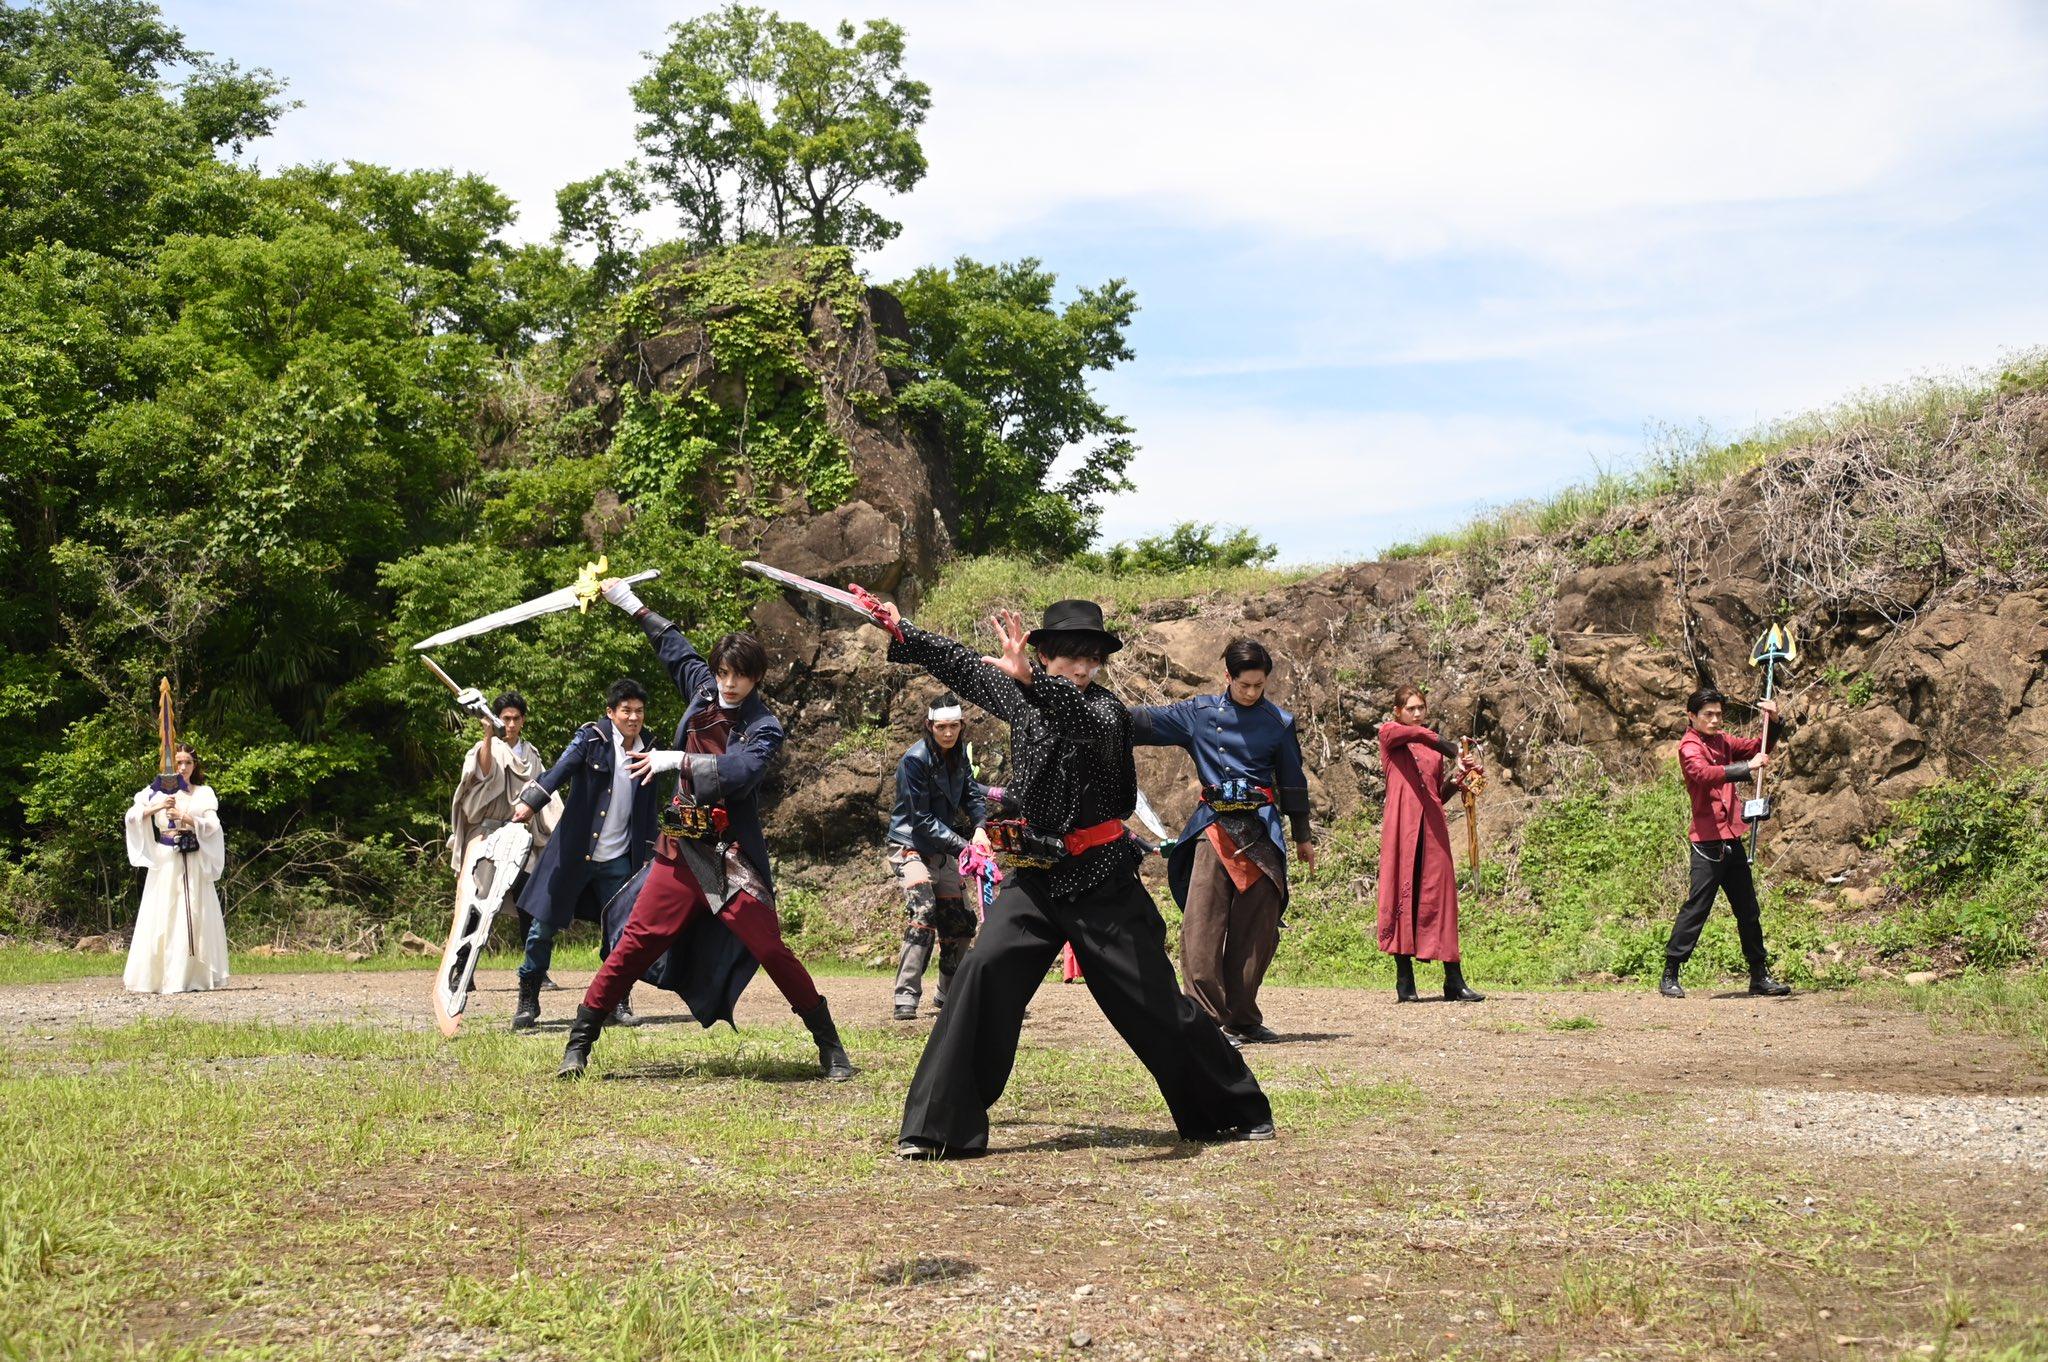 『仮面ライダーセイバー』ついに物語は最終決戦へ!10剣士が同時変身!レジエルとズオスが復活⁉上條大地と富加宮隼人が…!